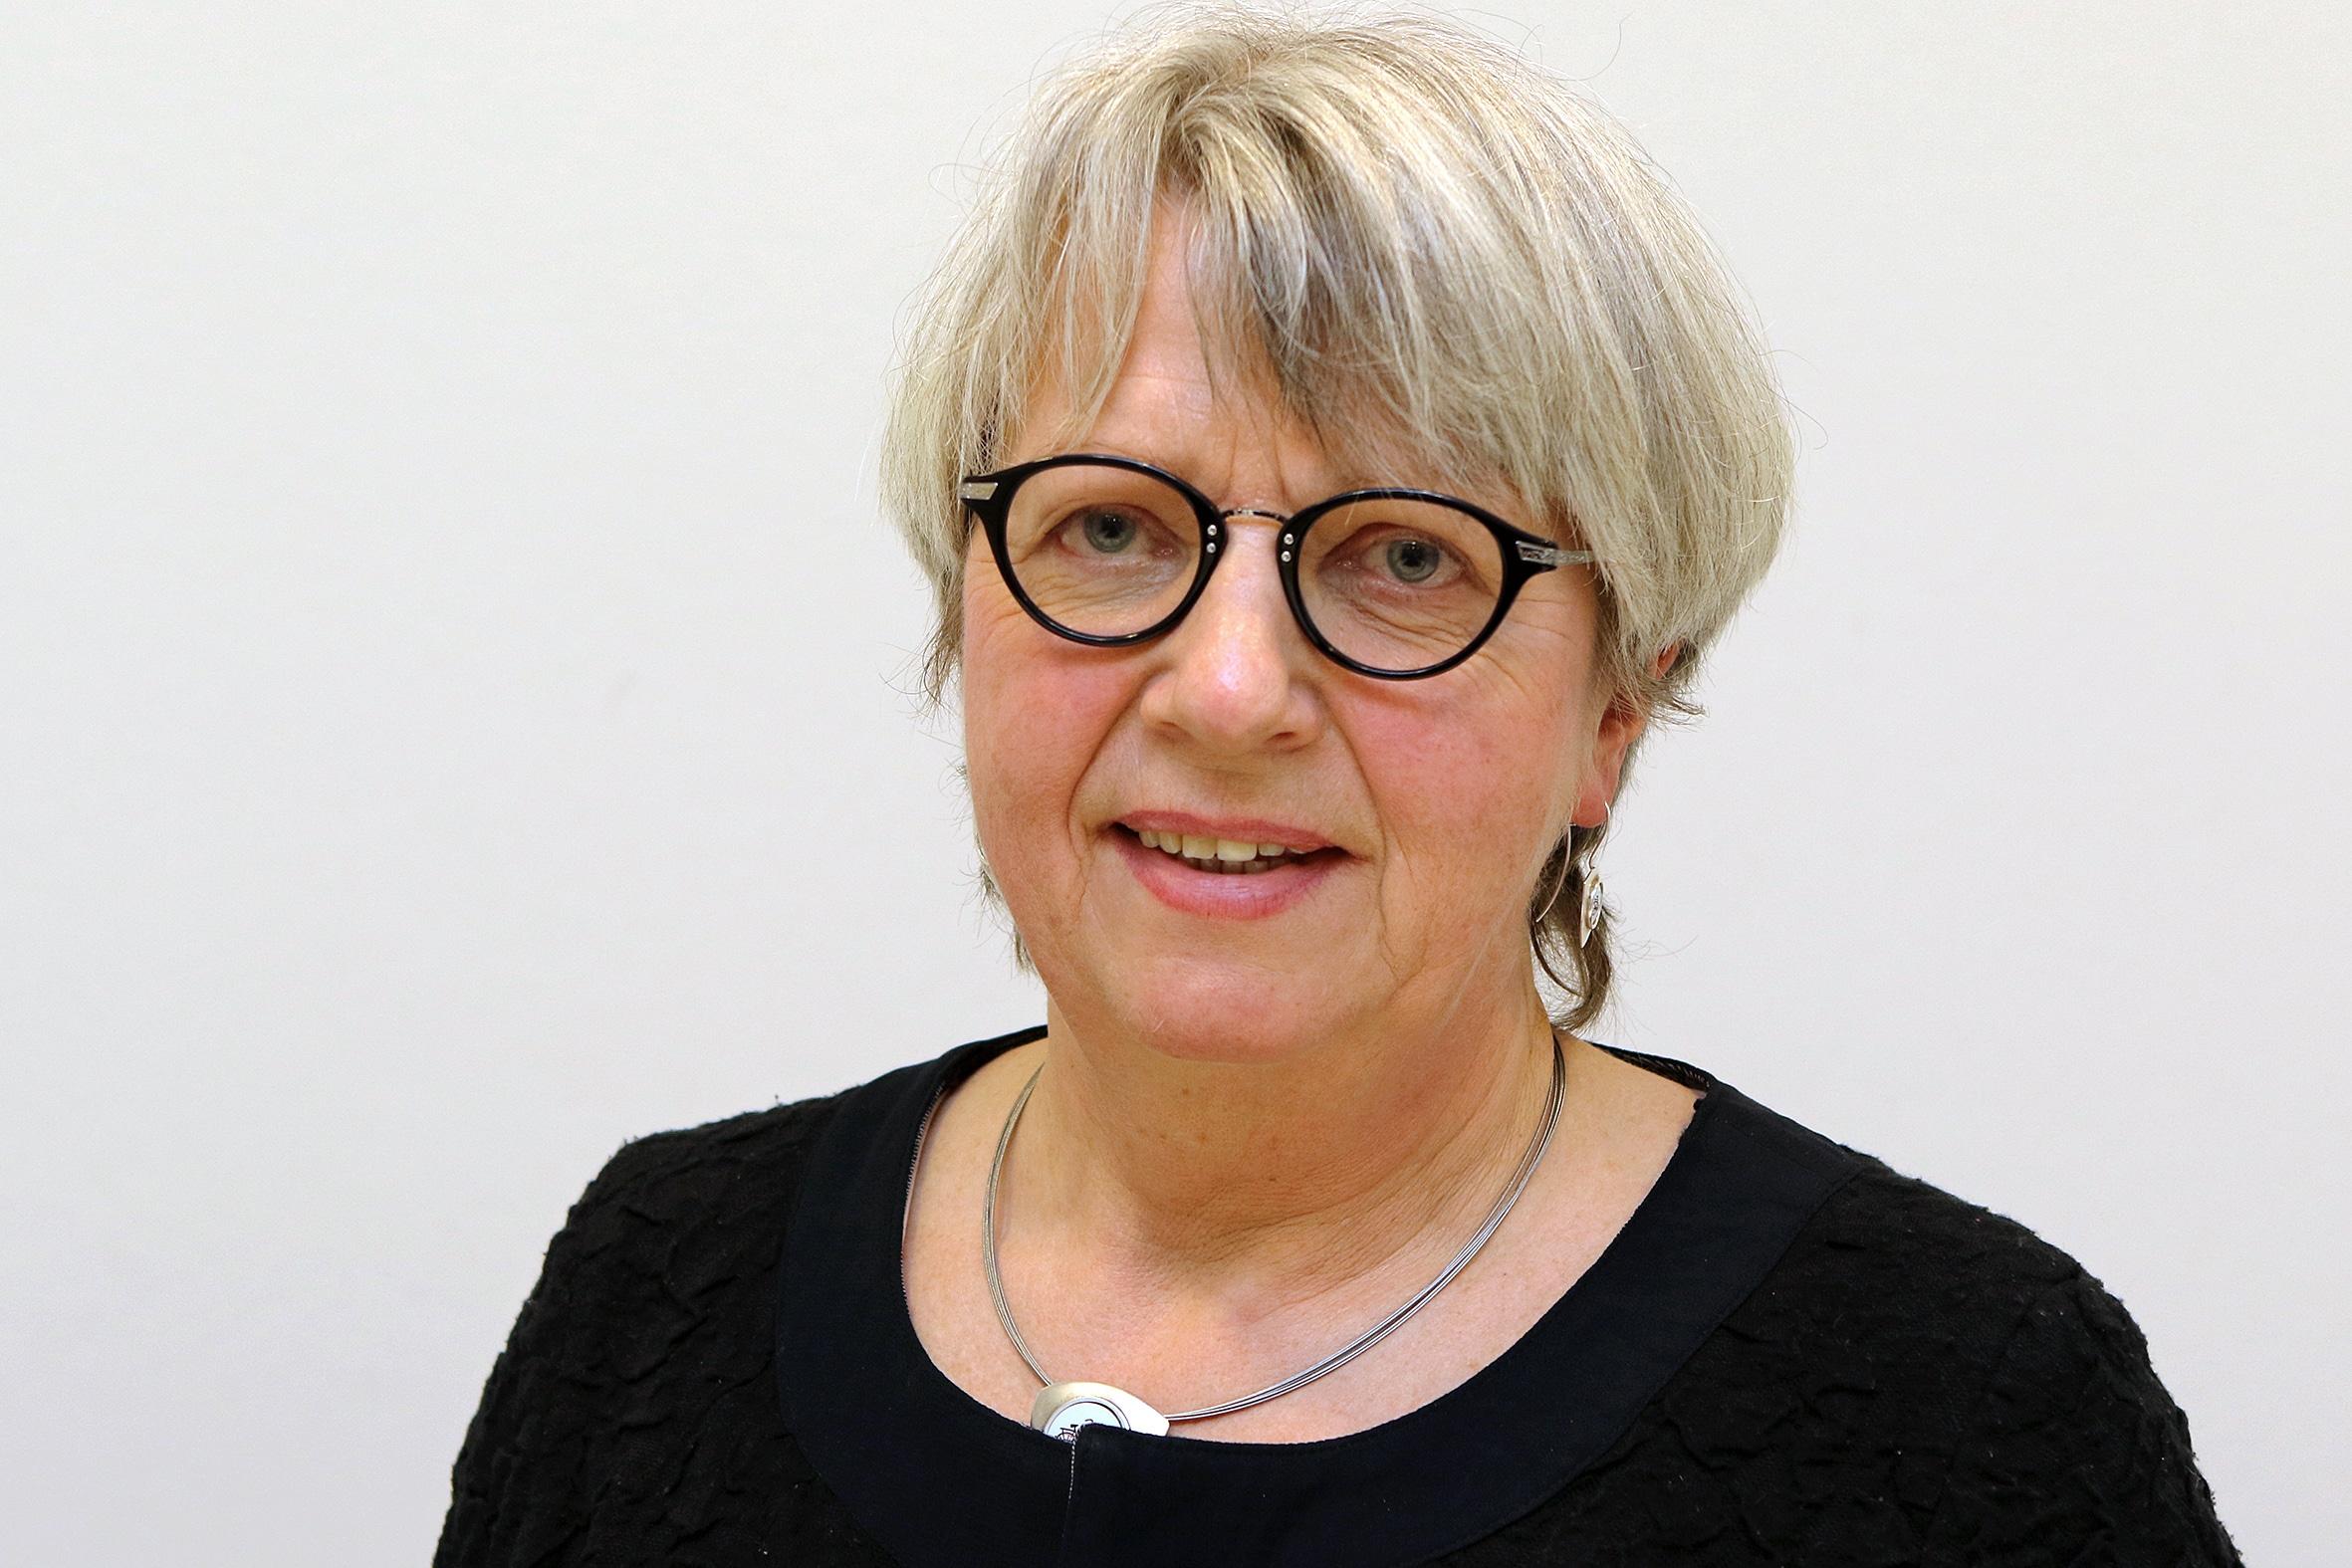 Irmgard Witschen-Hegge